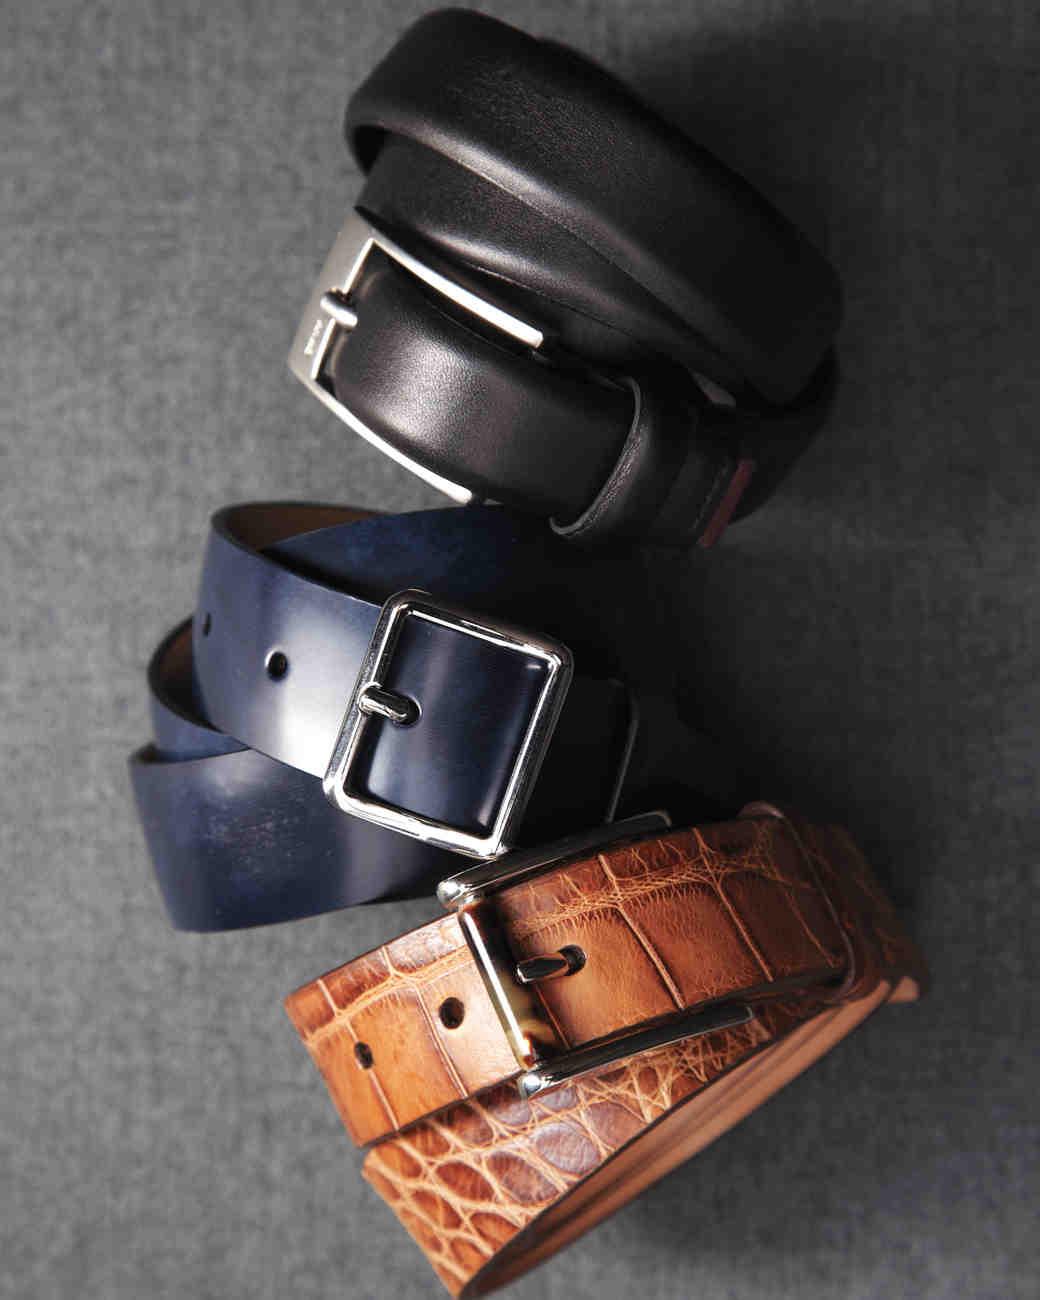 belts-mmsw108757.jpg